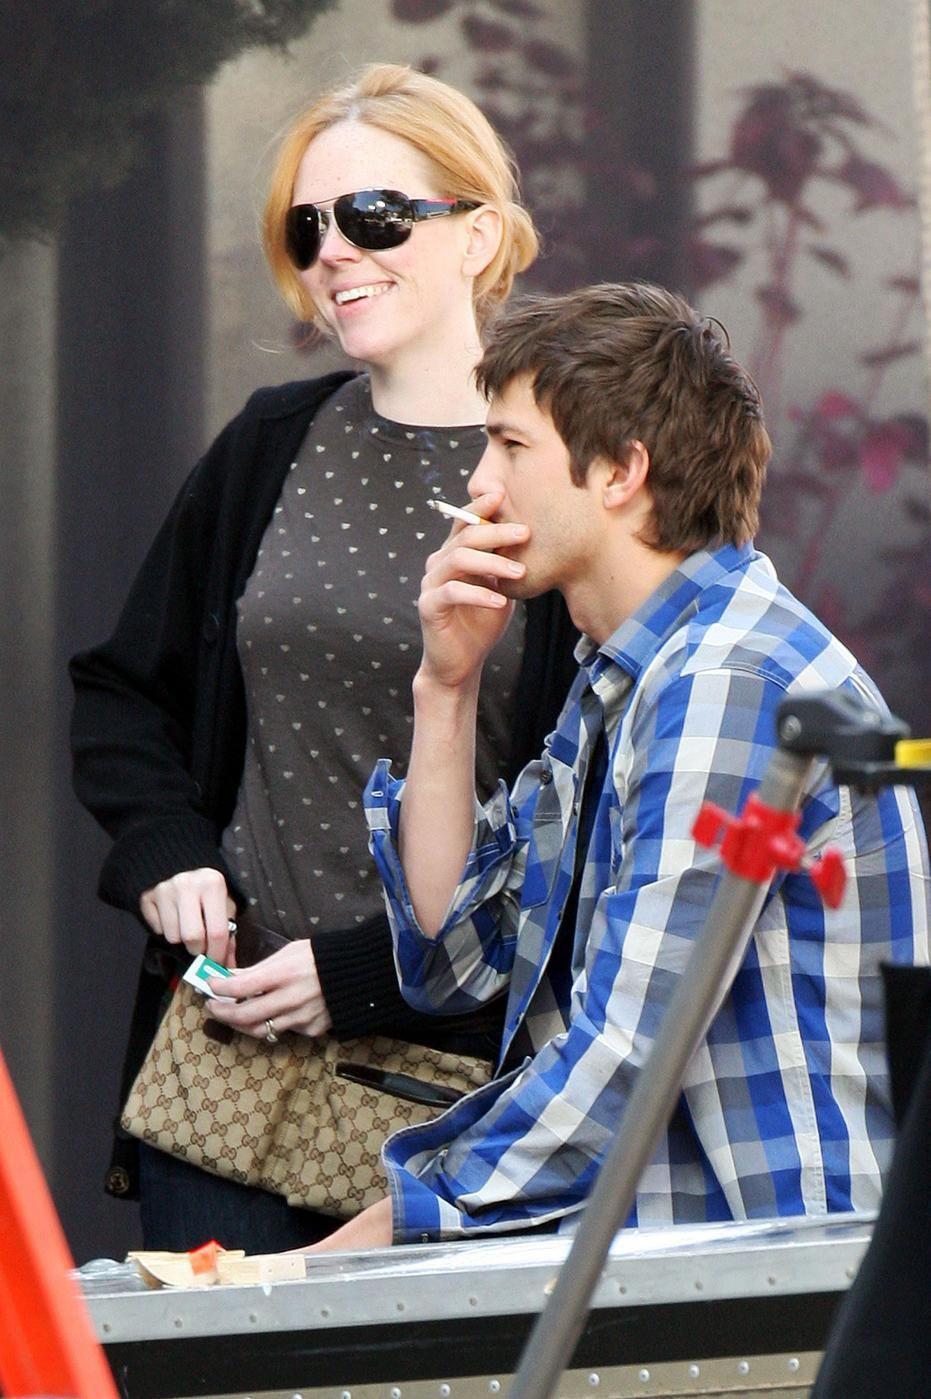 Ashton Kutcher røyker sigarett (eller hasj)